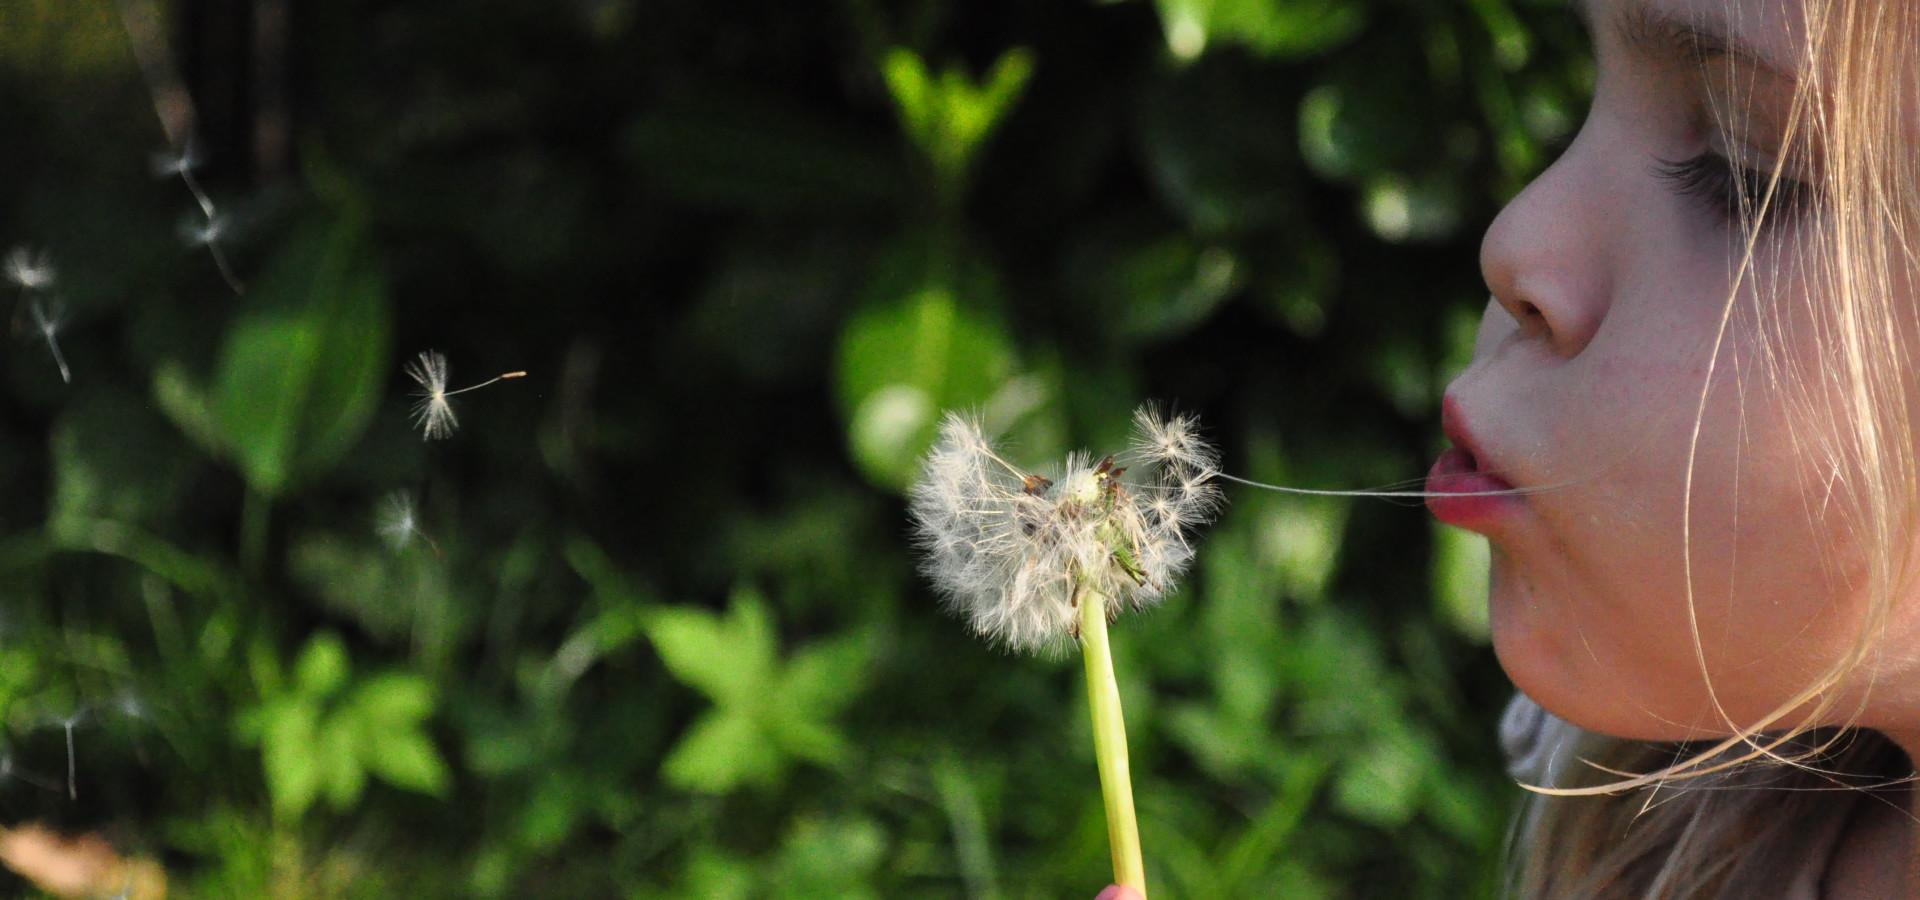 Magiczny Ogród - Aktywne, szczęśliwe życie!